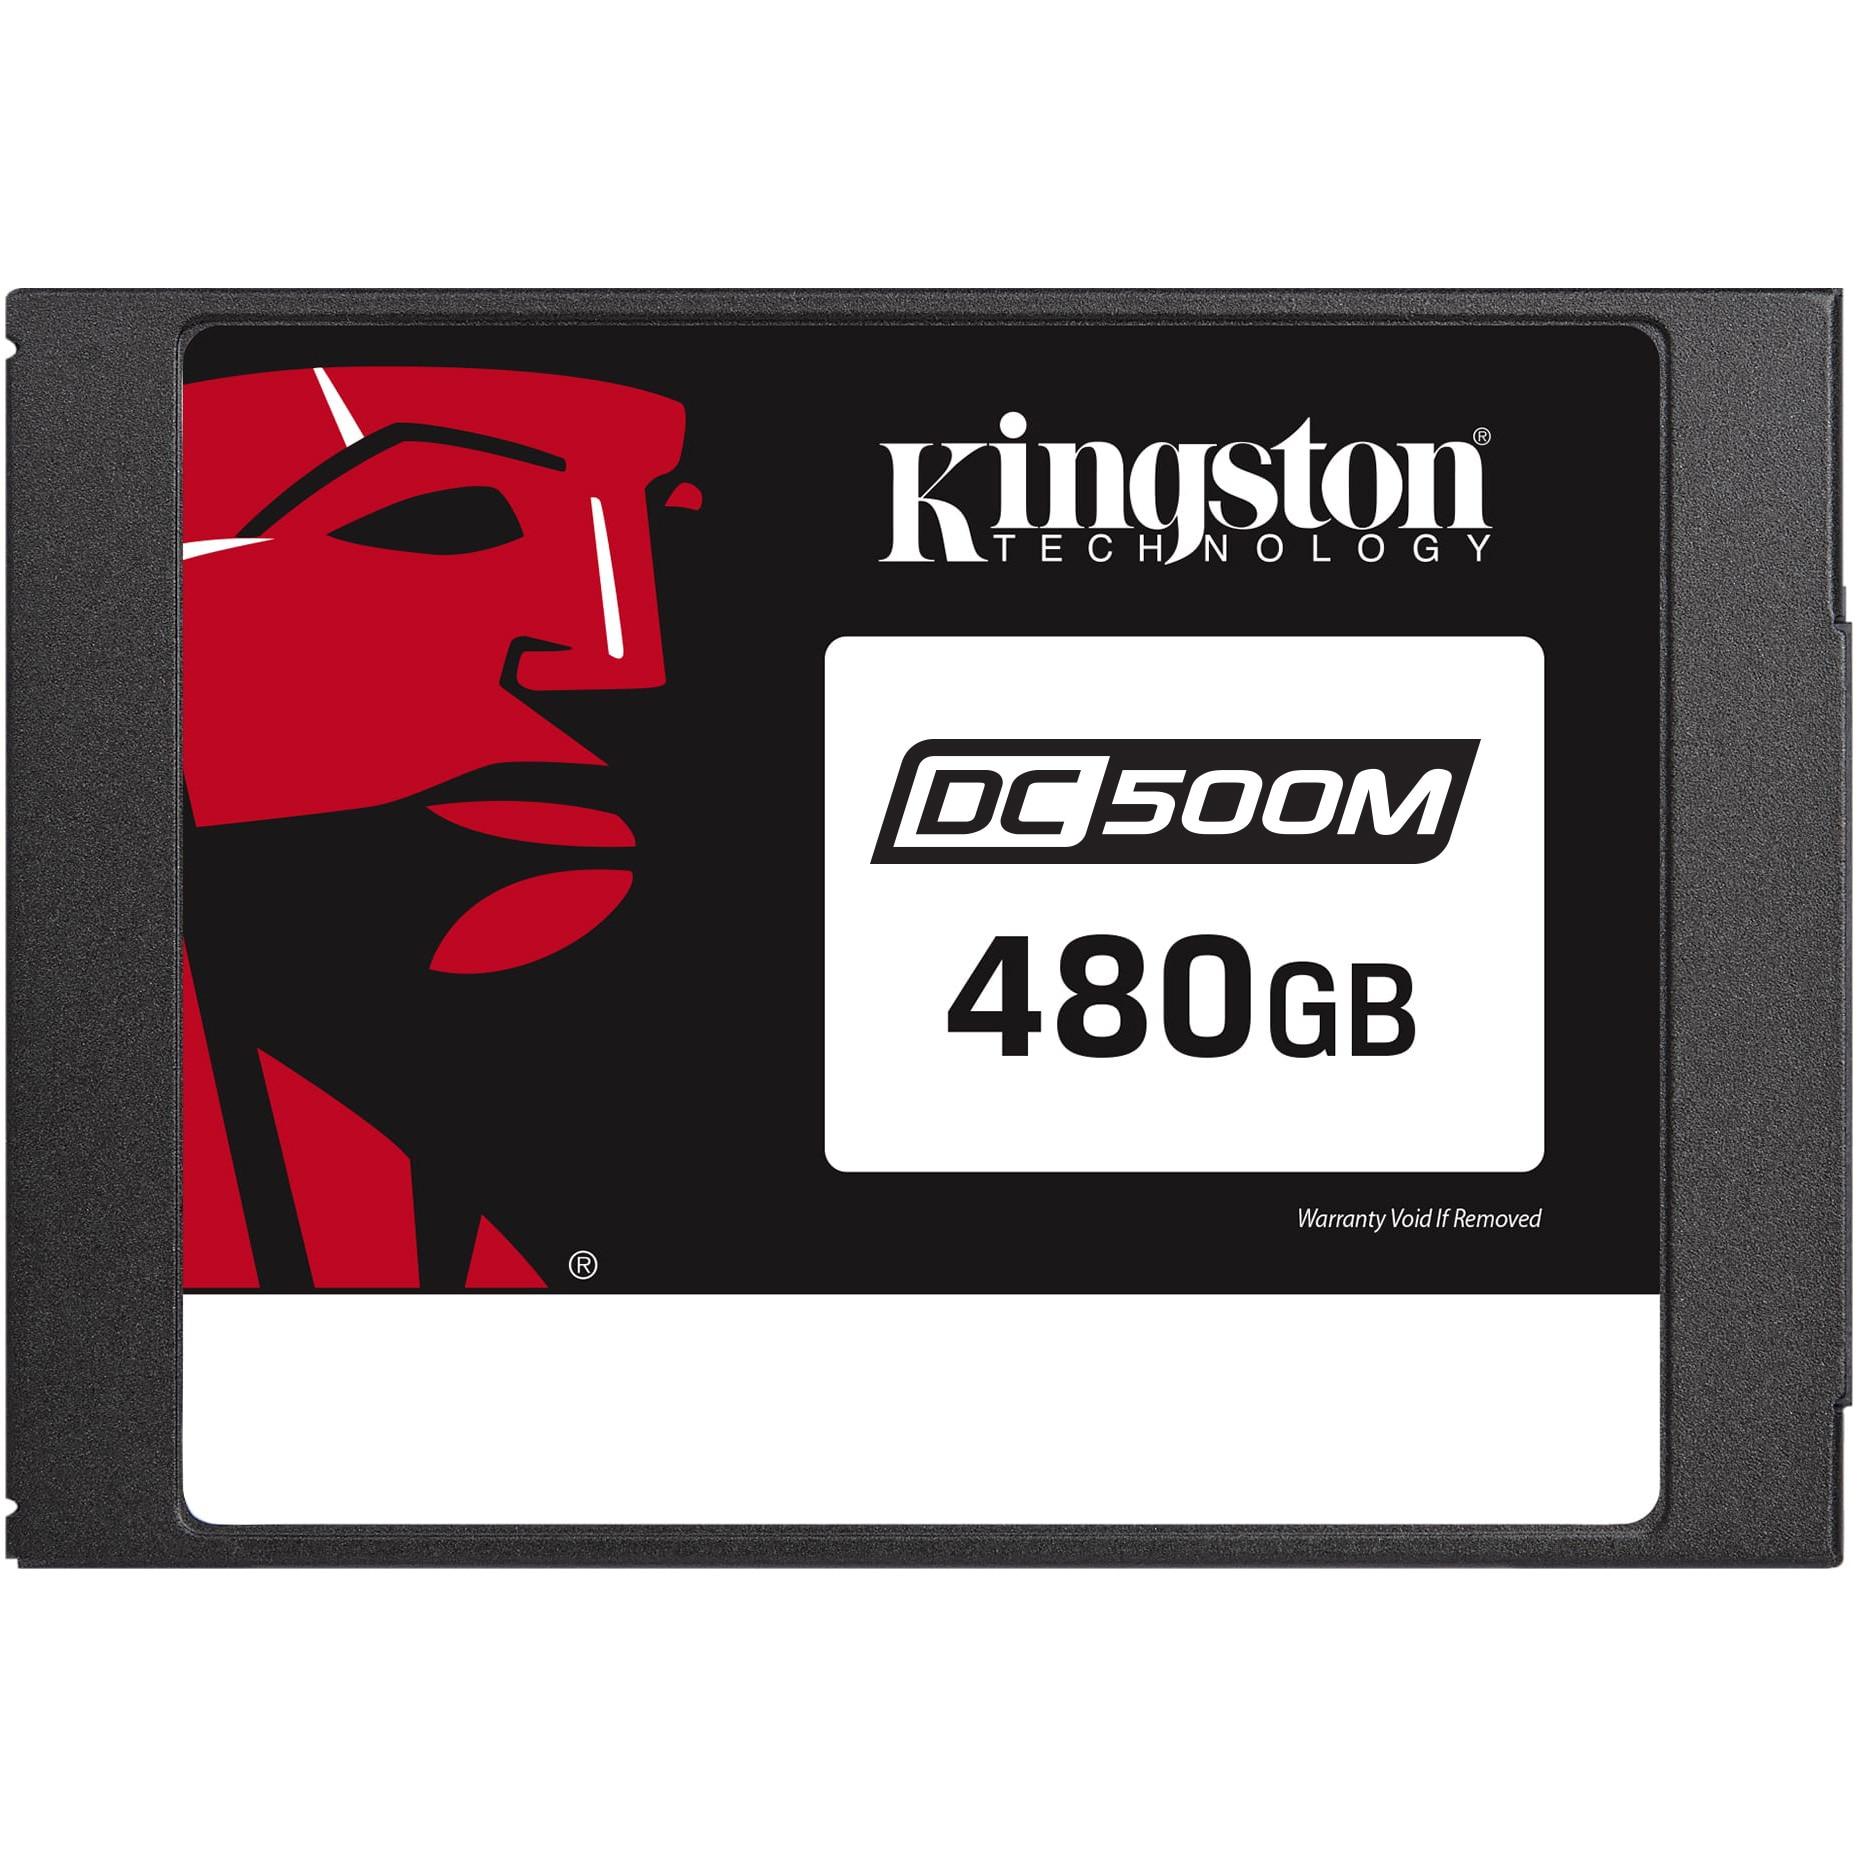 """Fotografie Solid State Drive (SSD) Kingston DC500M, 480GB, 2.5"""", SATA-III"""